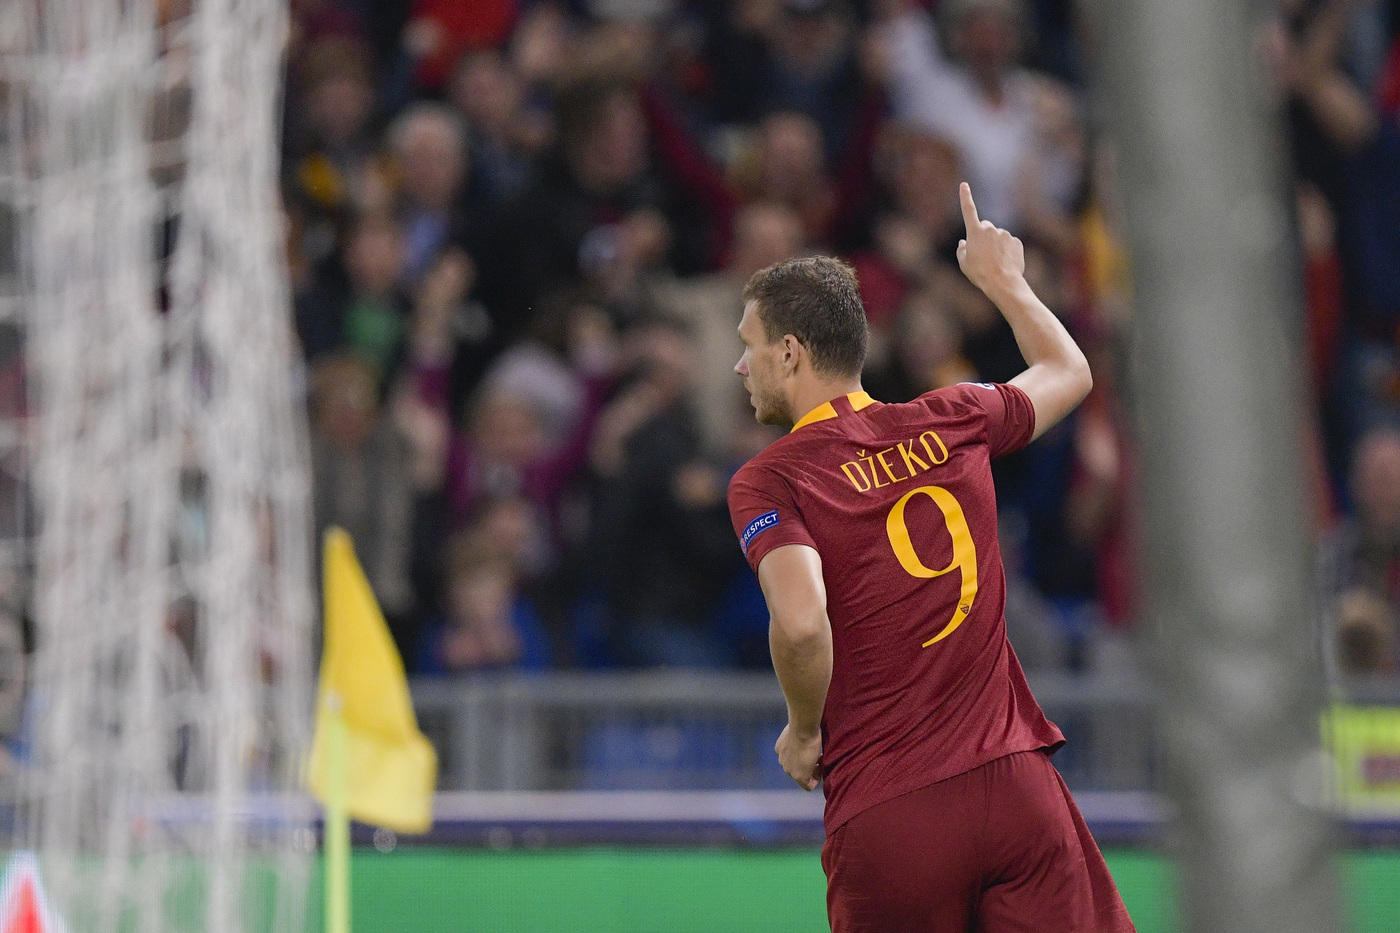 La Roma ha fatto il suo: 5 – 0 al Viktoria Plzen